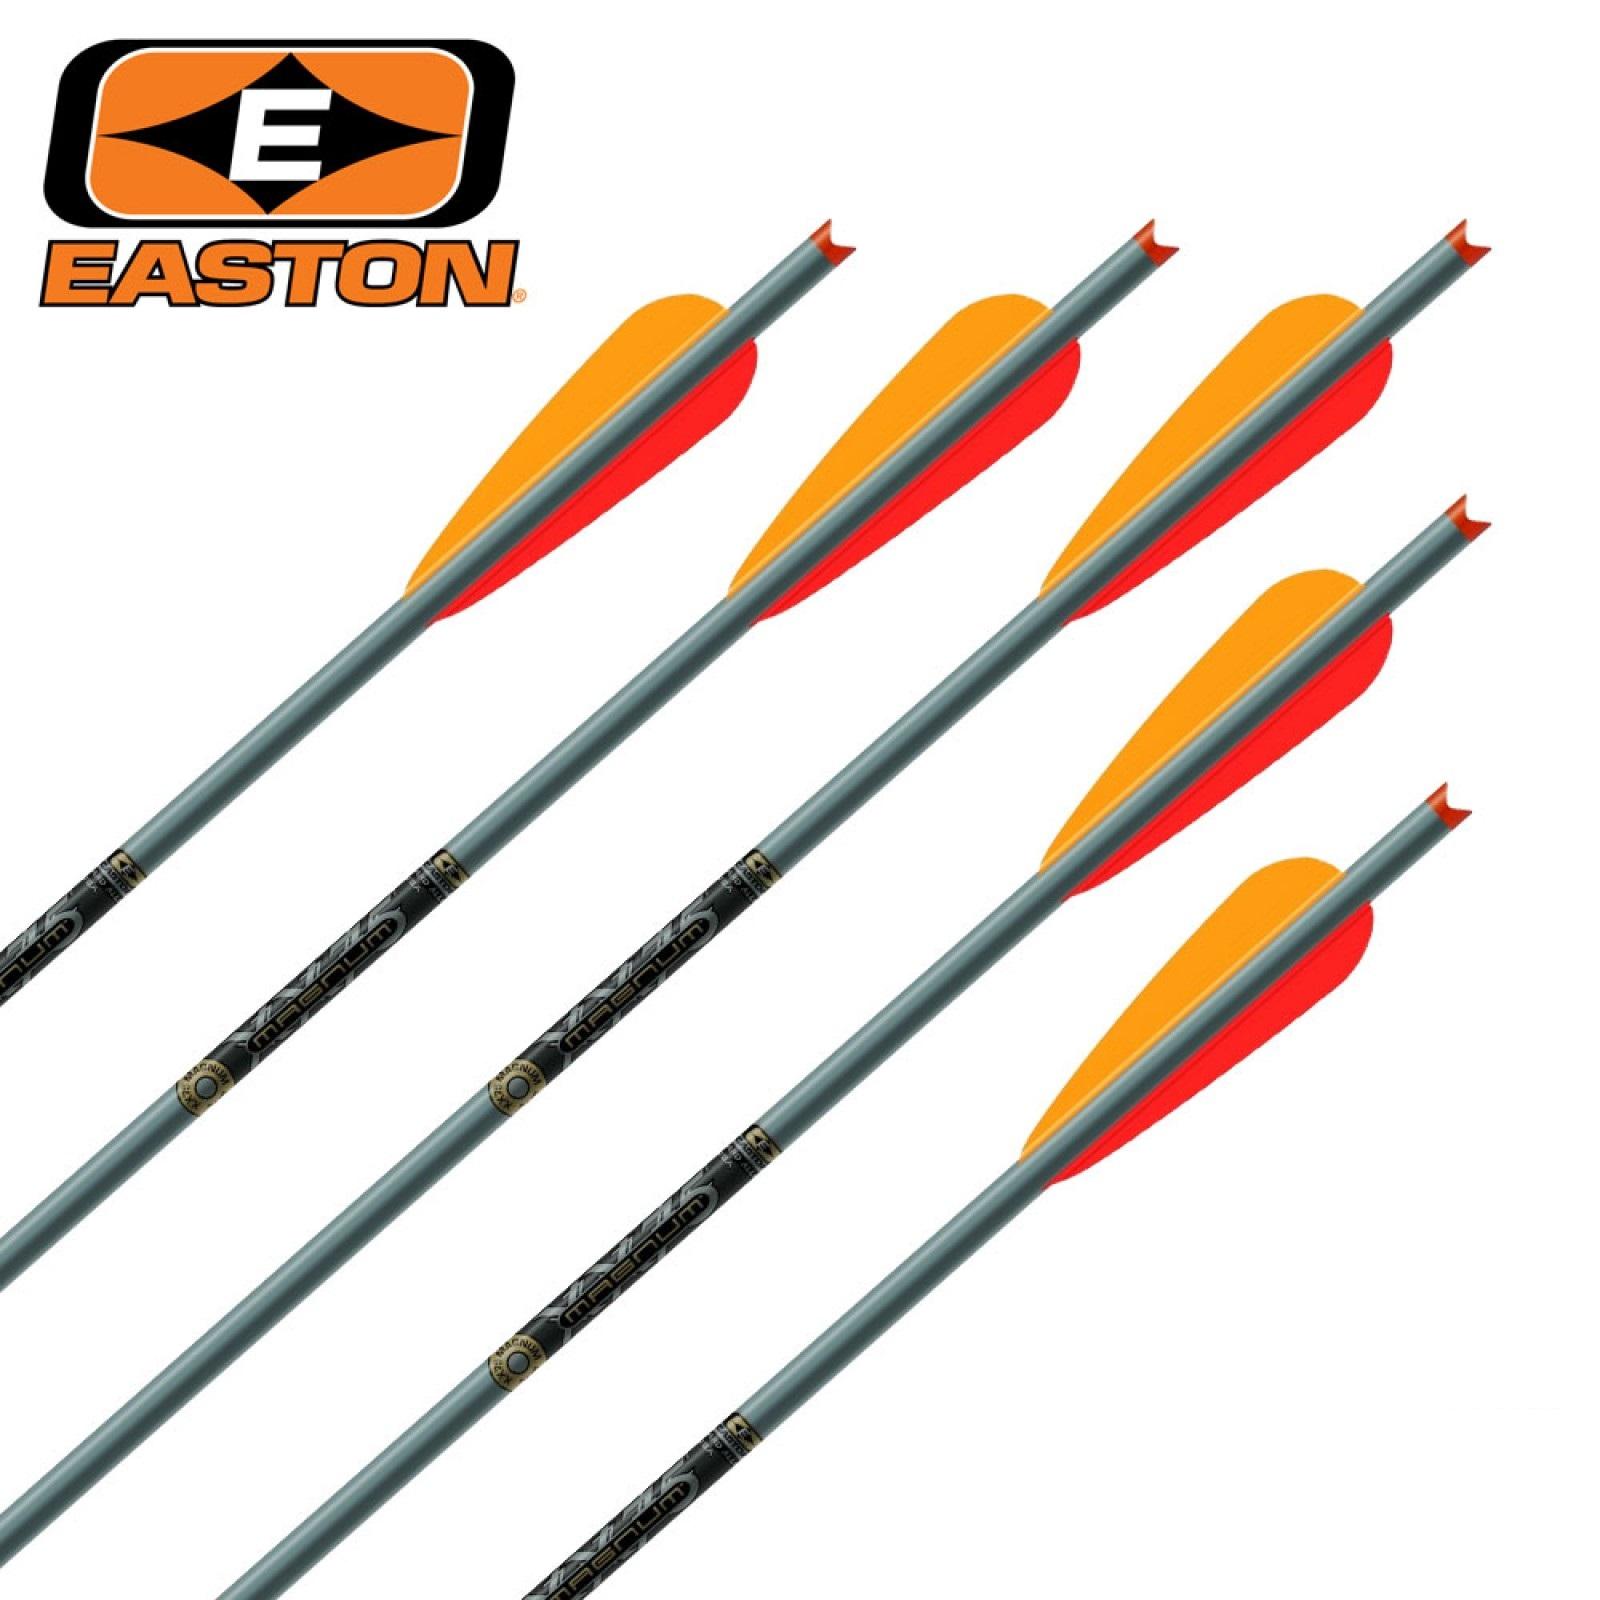 Hliníkový šíp EASTON XX75 Magnum 12 - 22 palců